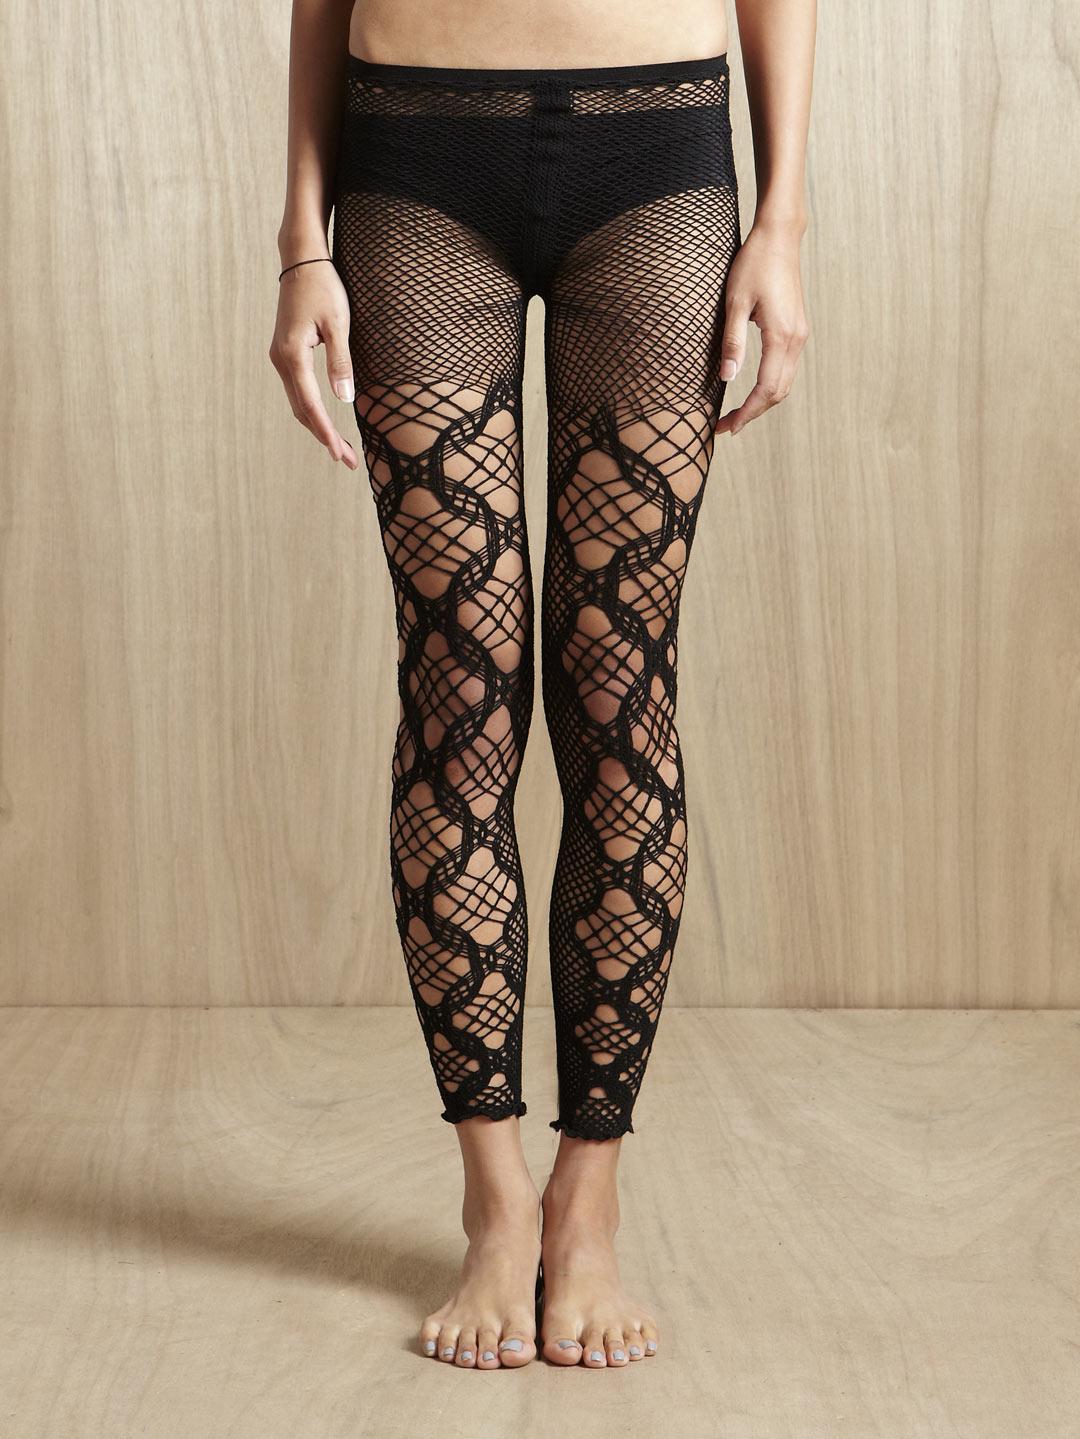 lace leggings for women gallery mqejidk